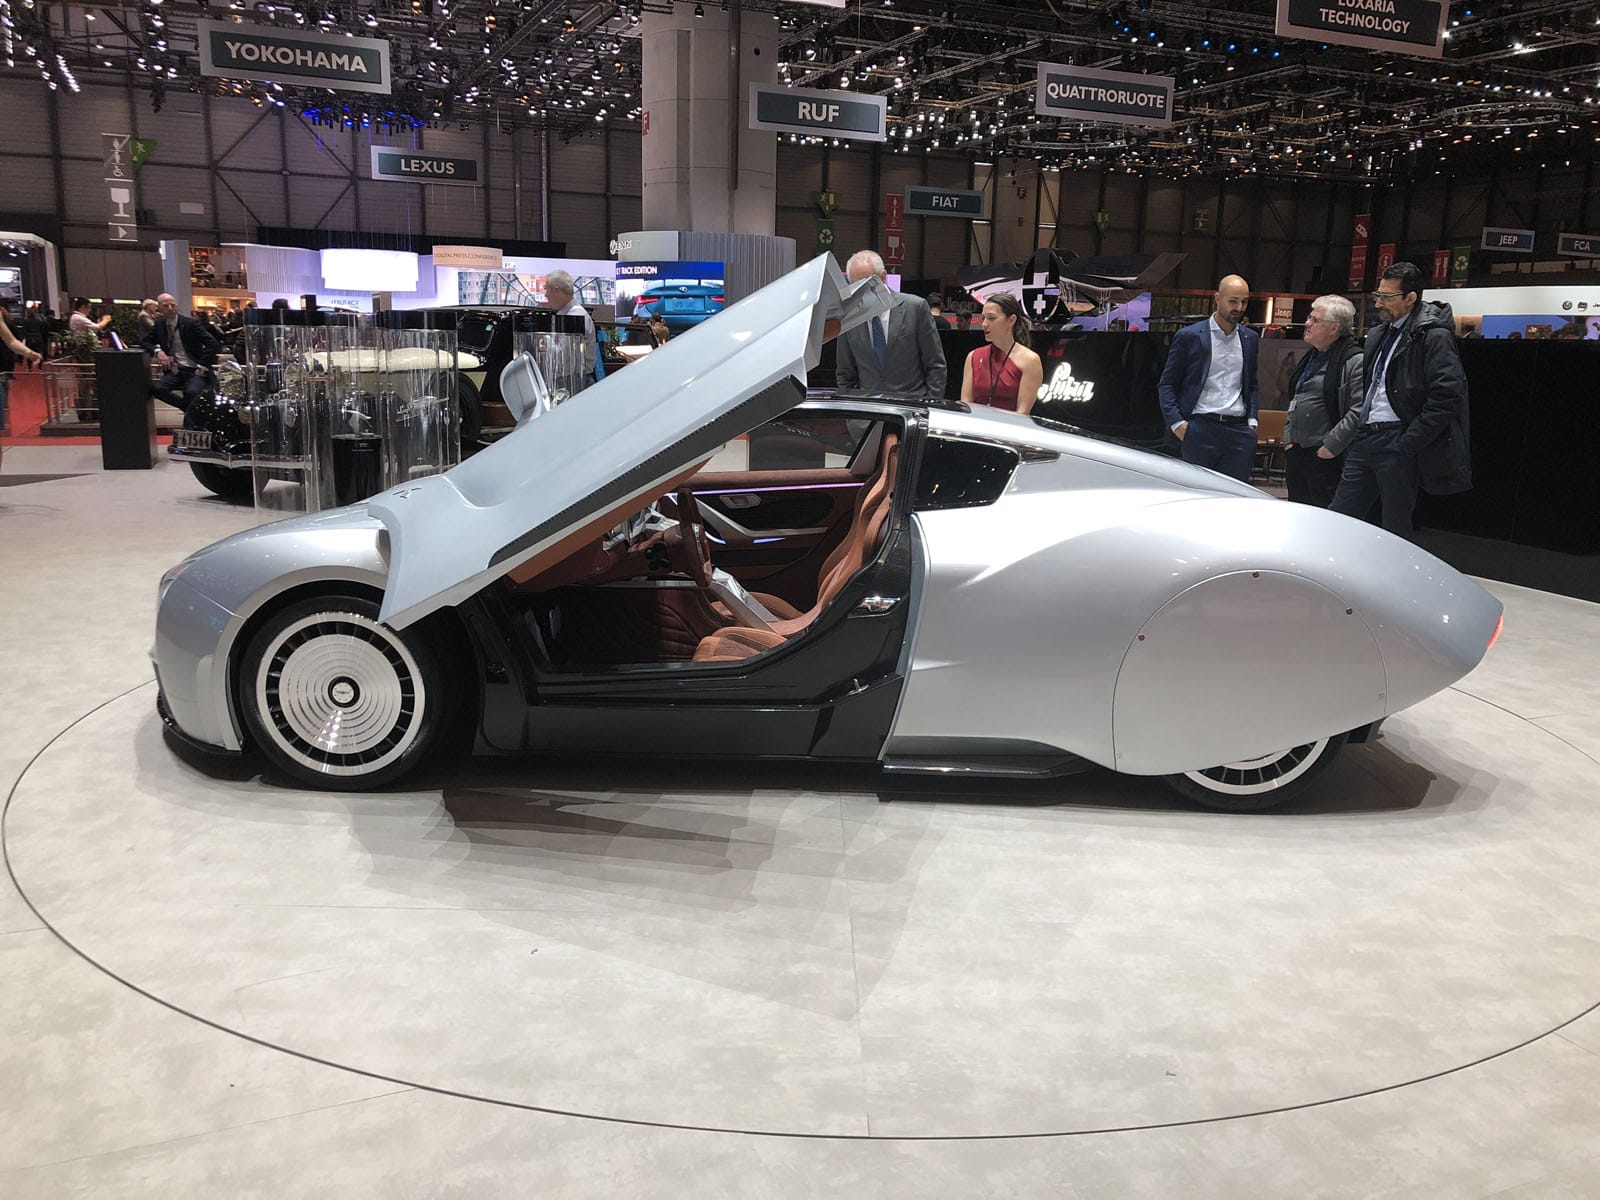 Hispano Suiza Geneva Motor Show